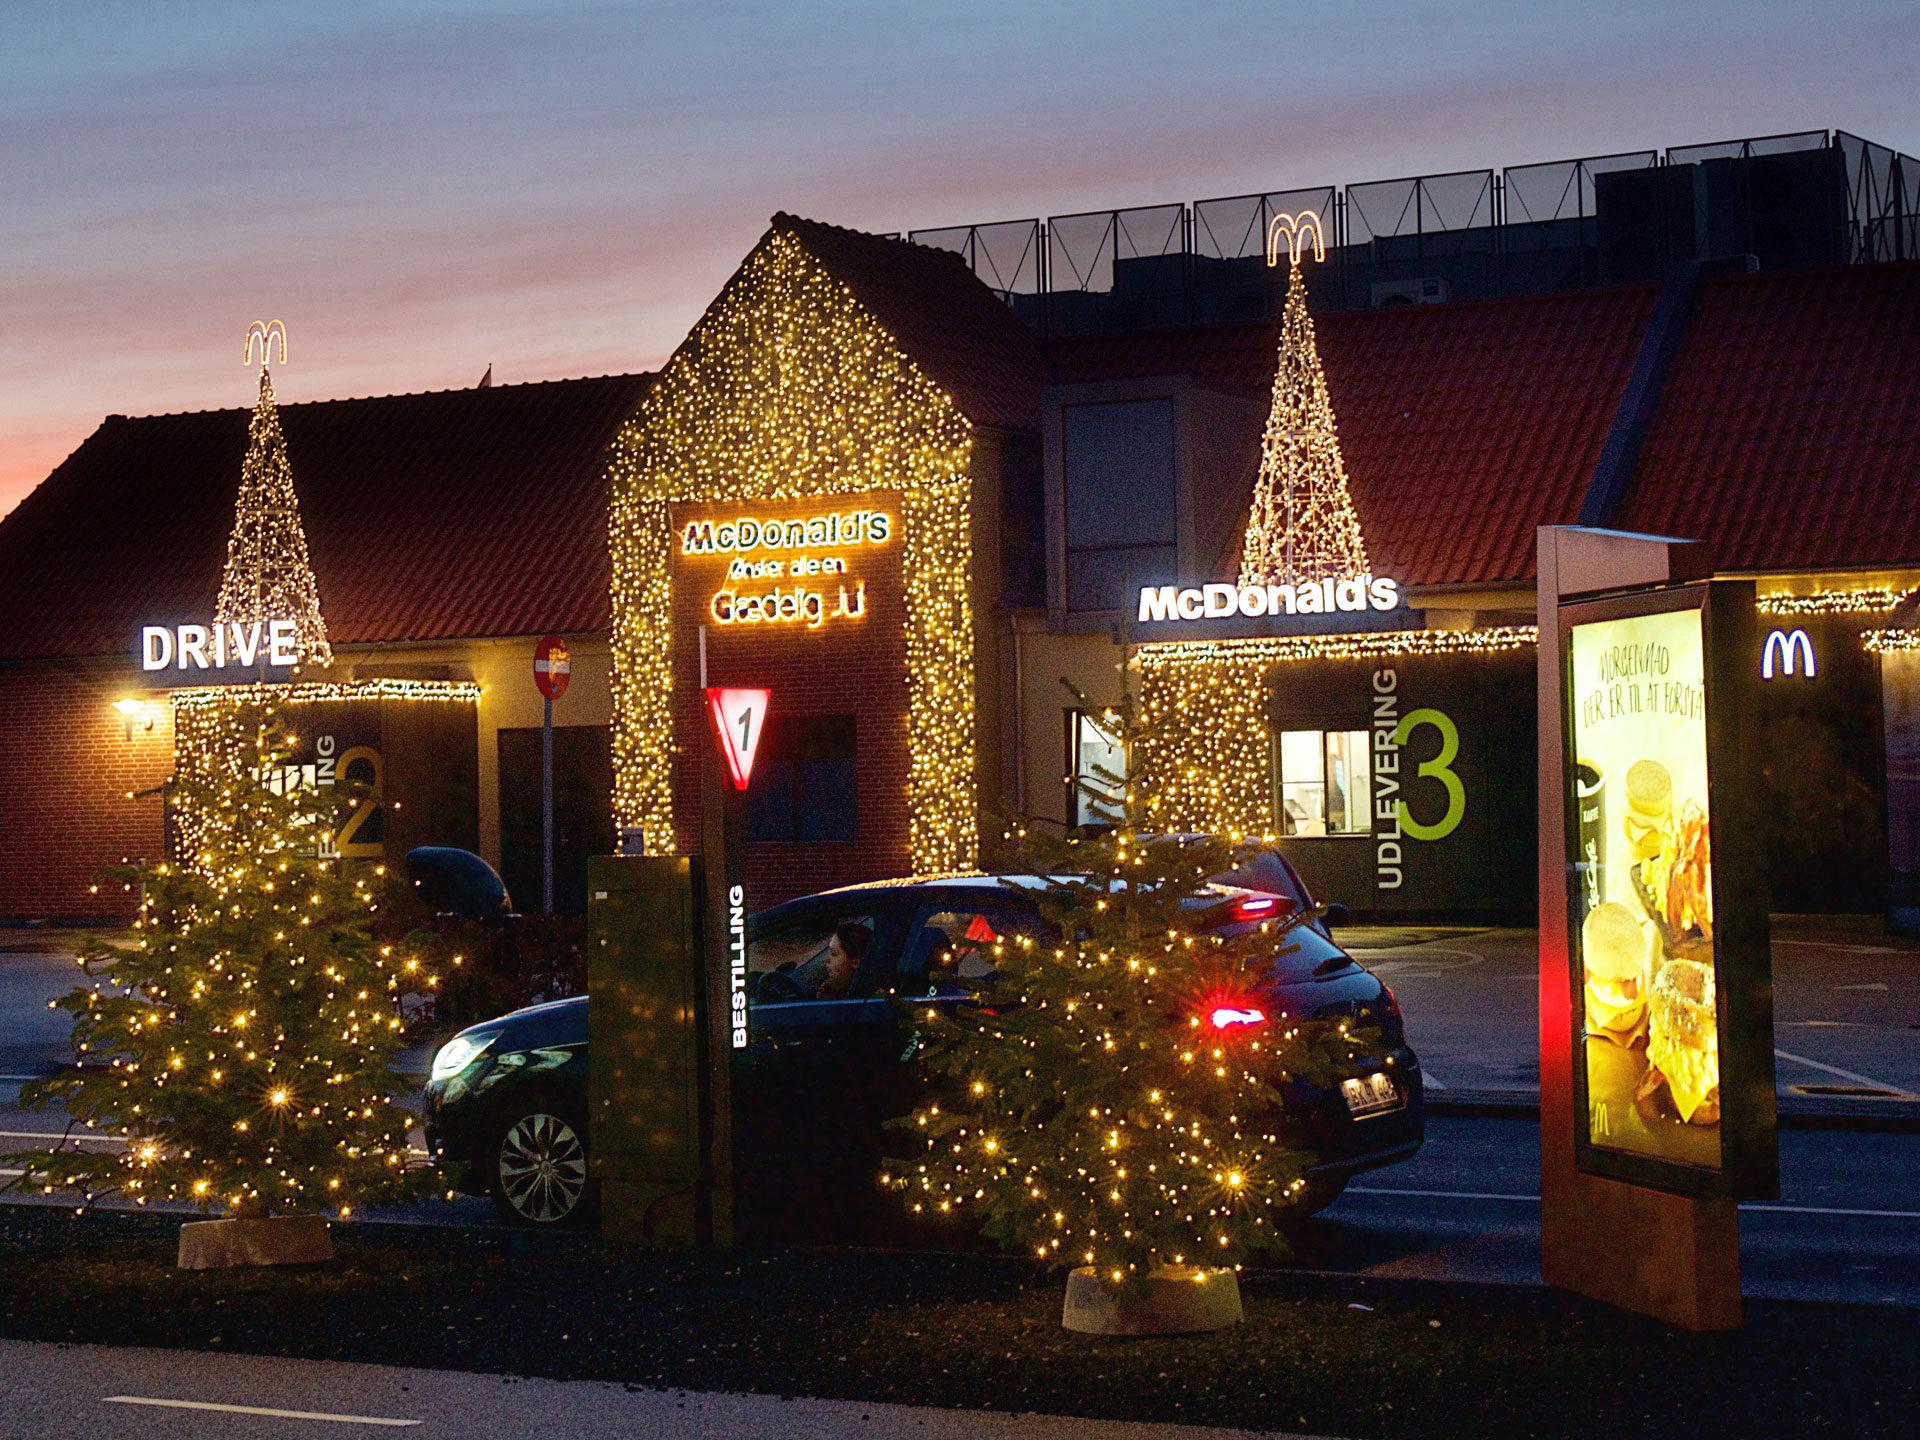 McDonald's | MK Illumination